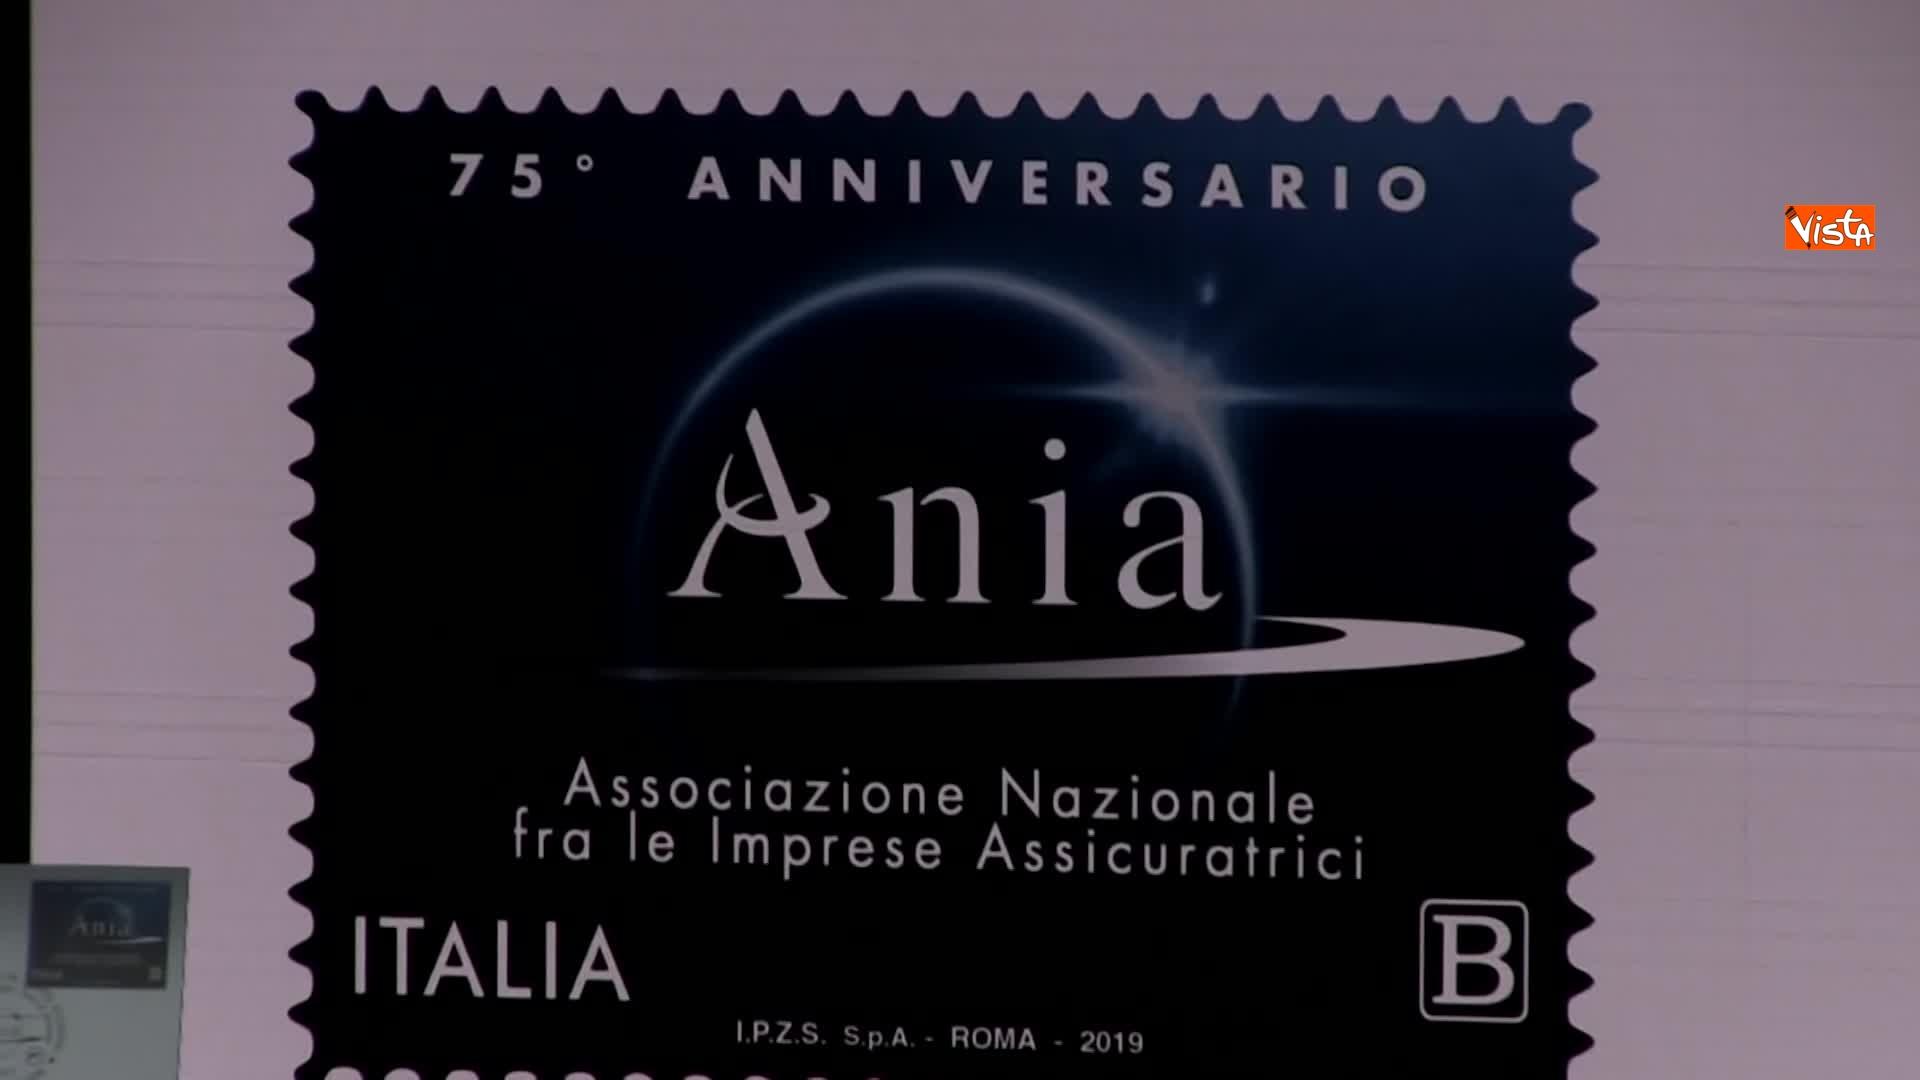 10-07-19 Ania l Assemblea con Conte Mattarella e la presidente Farina_Il francobollo per i 75 anni di Ania 04